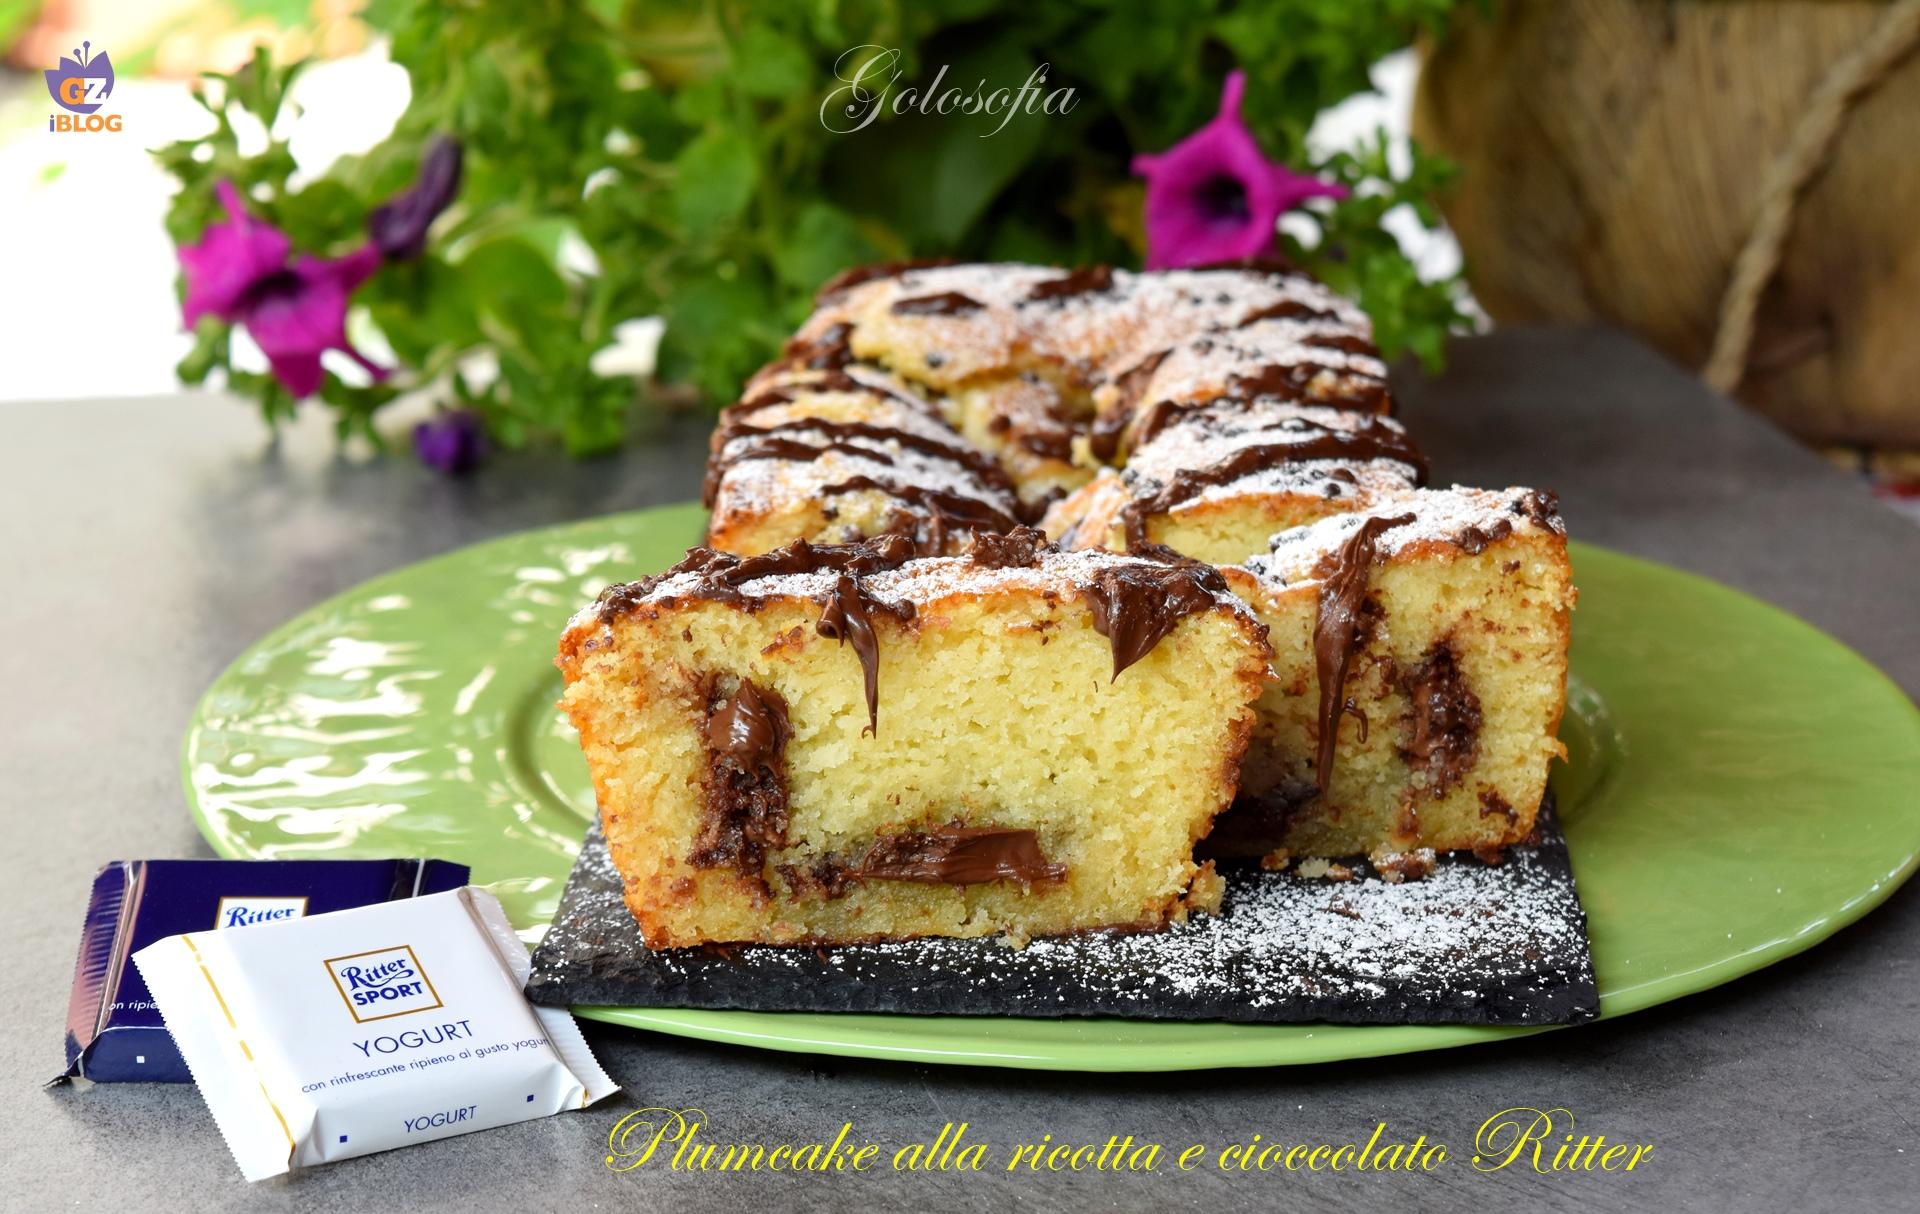 Plumcake alla ricotta e cioccolato Ritter-ricetta dolci-golosofia